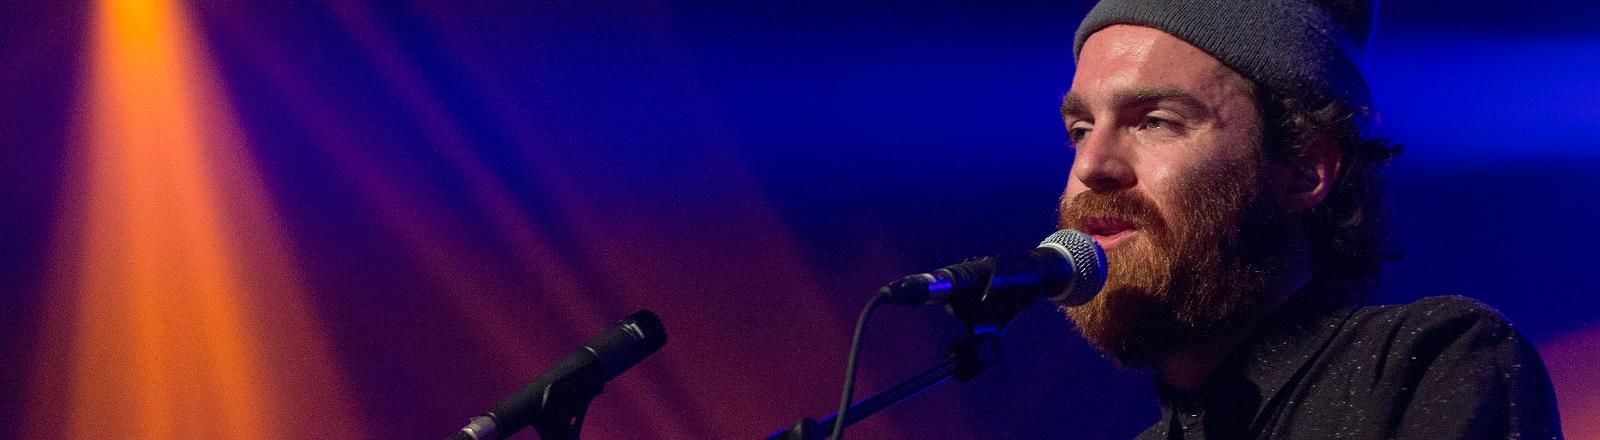 Der britische Musiker Chet Faker auf dem Montreux Jazz Lab am 13.07.2014.